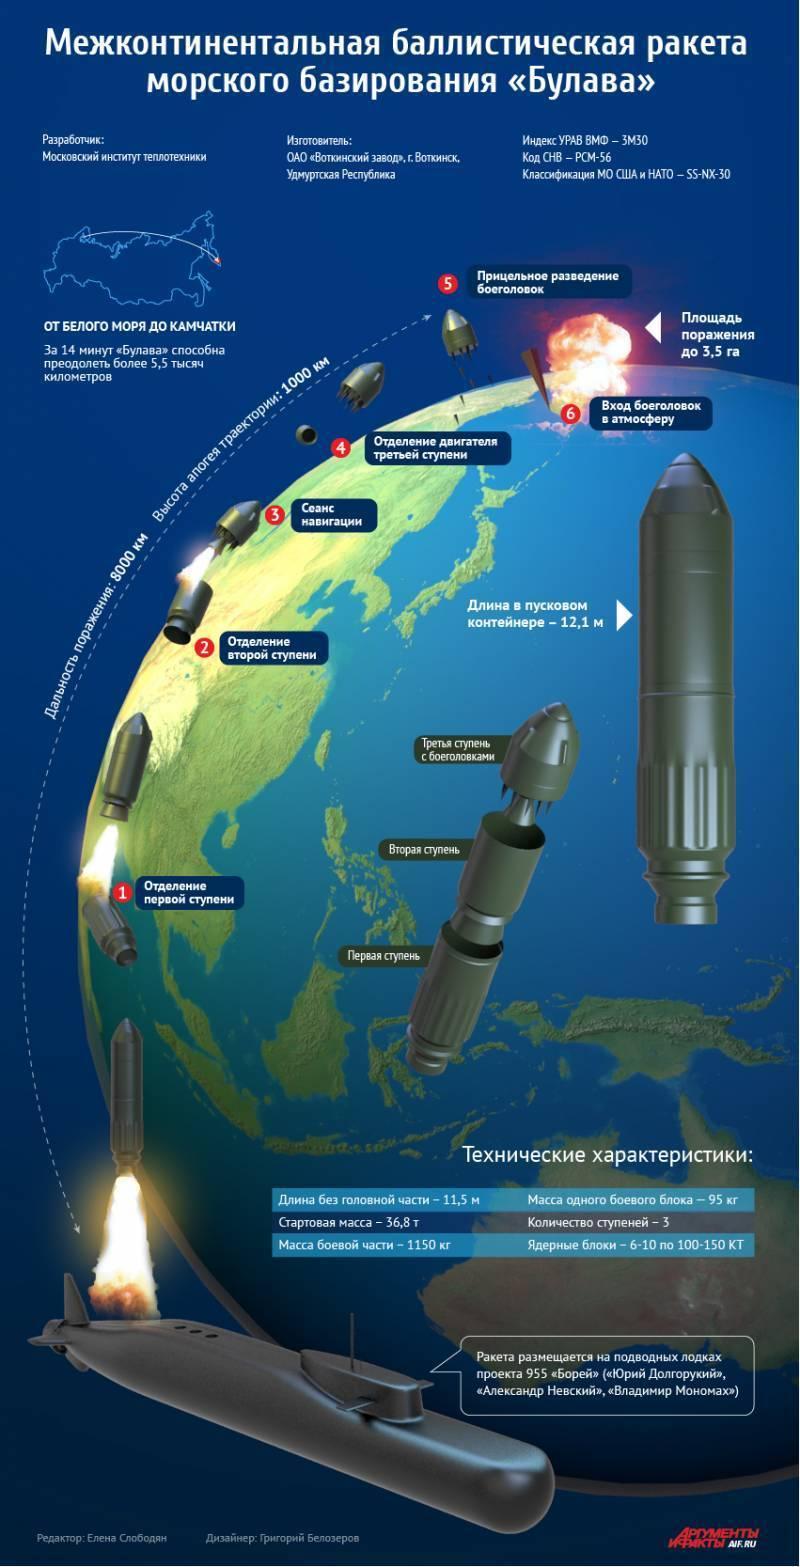 Межконтинентальная баллистическая ракета — википедия с видео // wiki 2